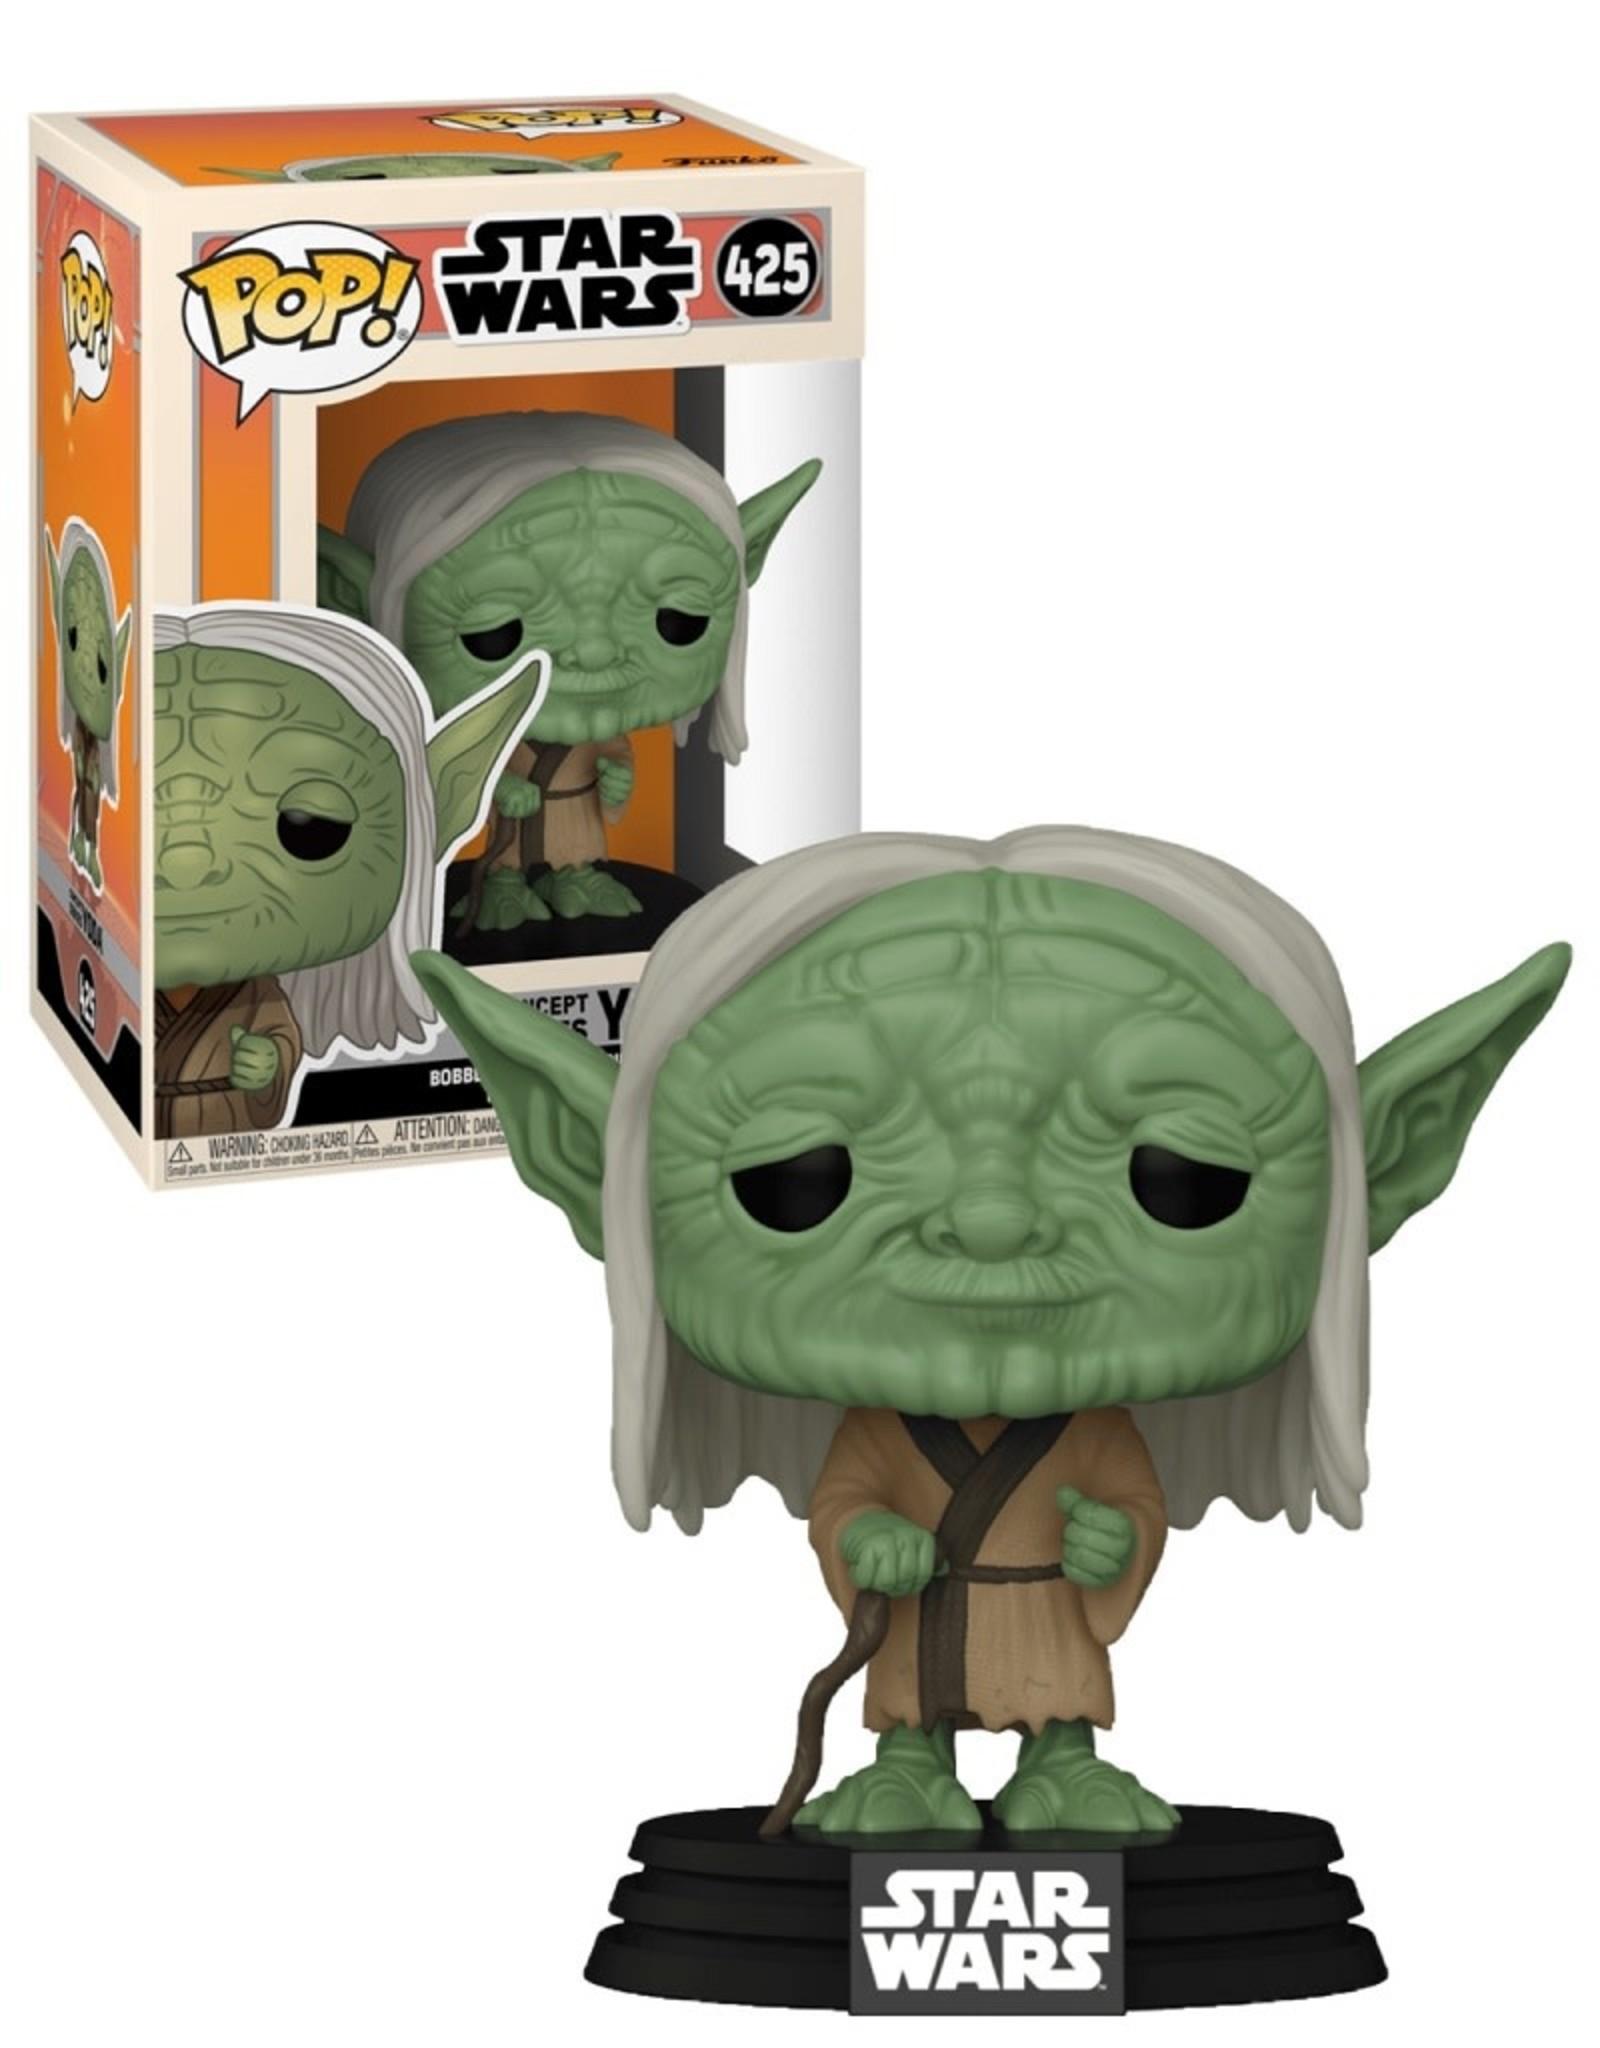 Star Wars 425 ( Funko Pop ) Yoda